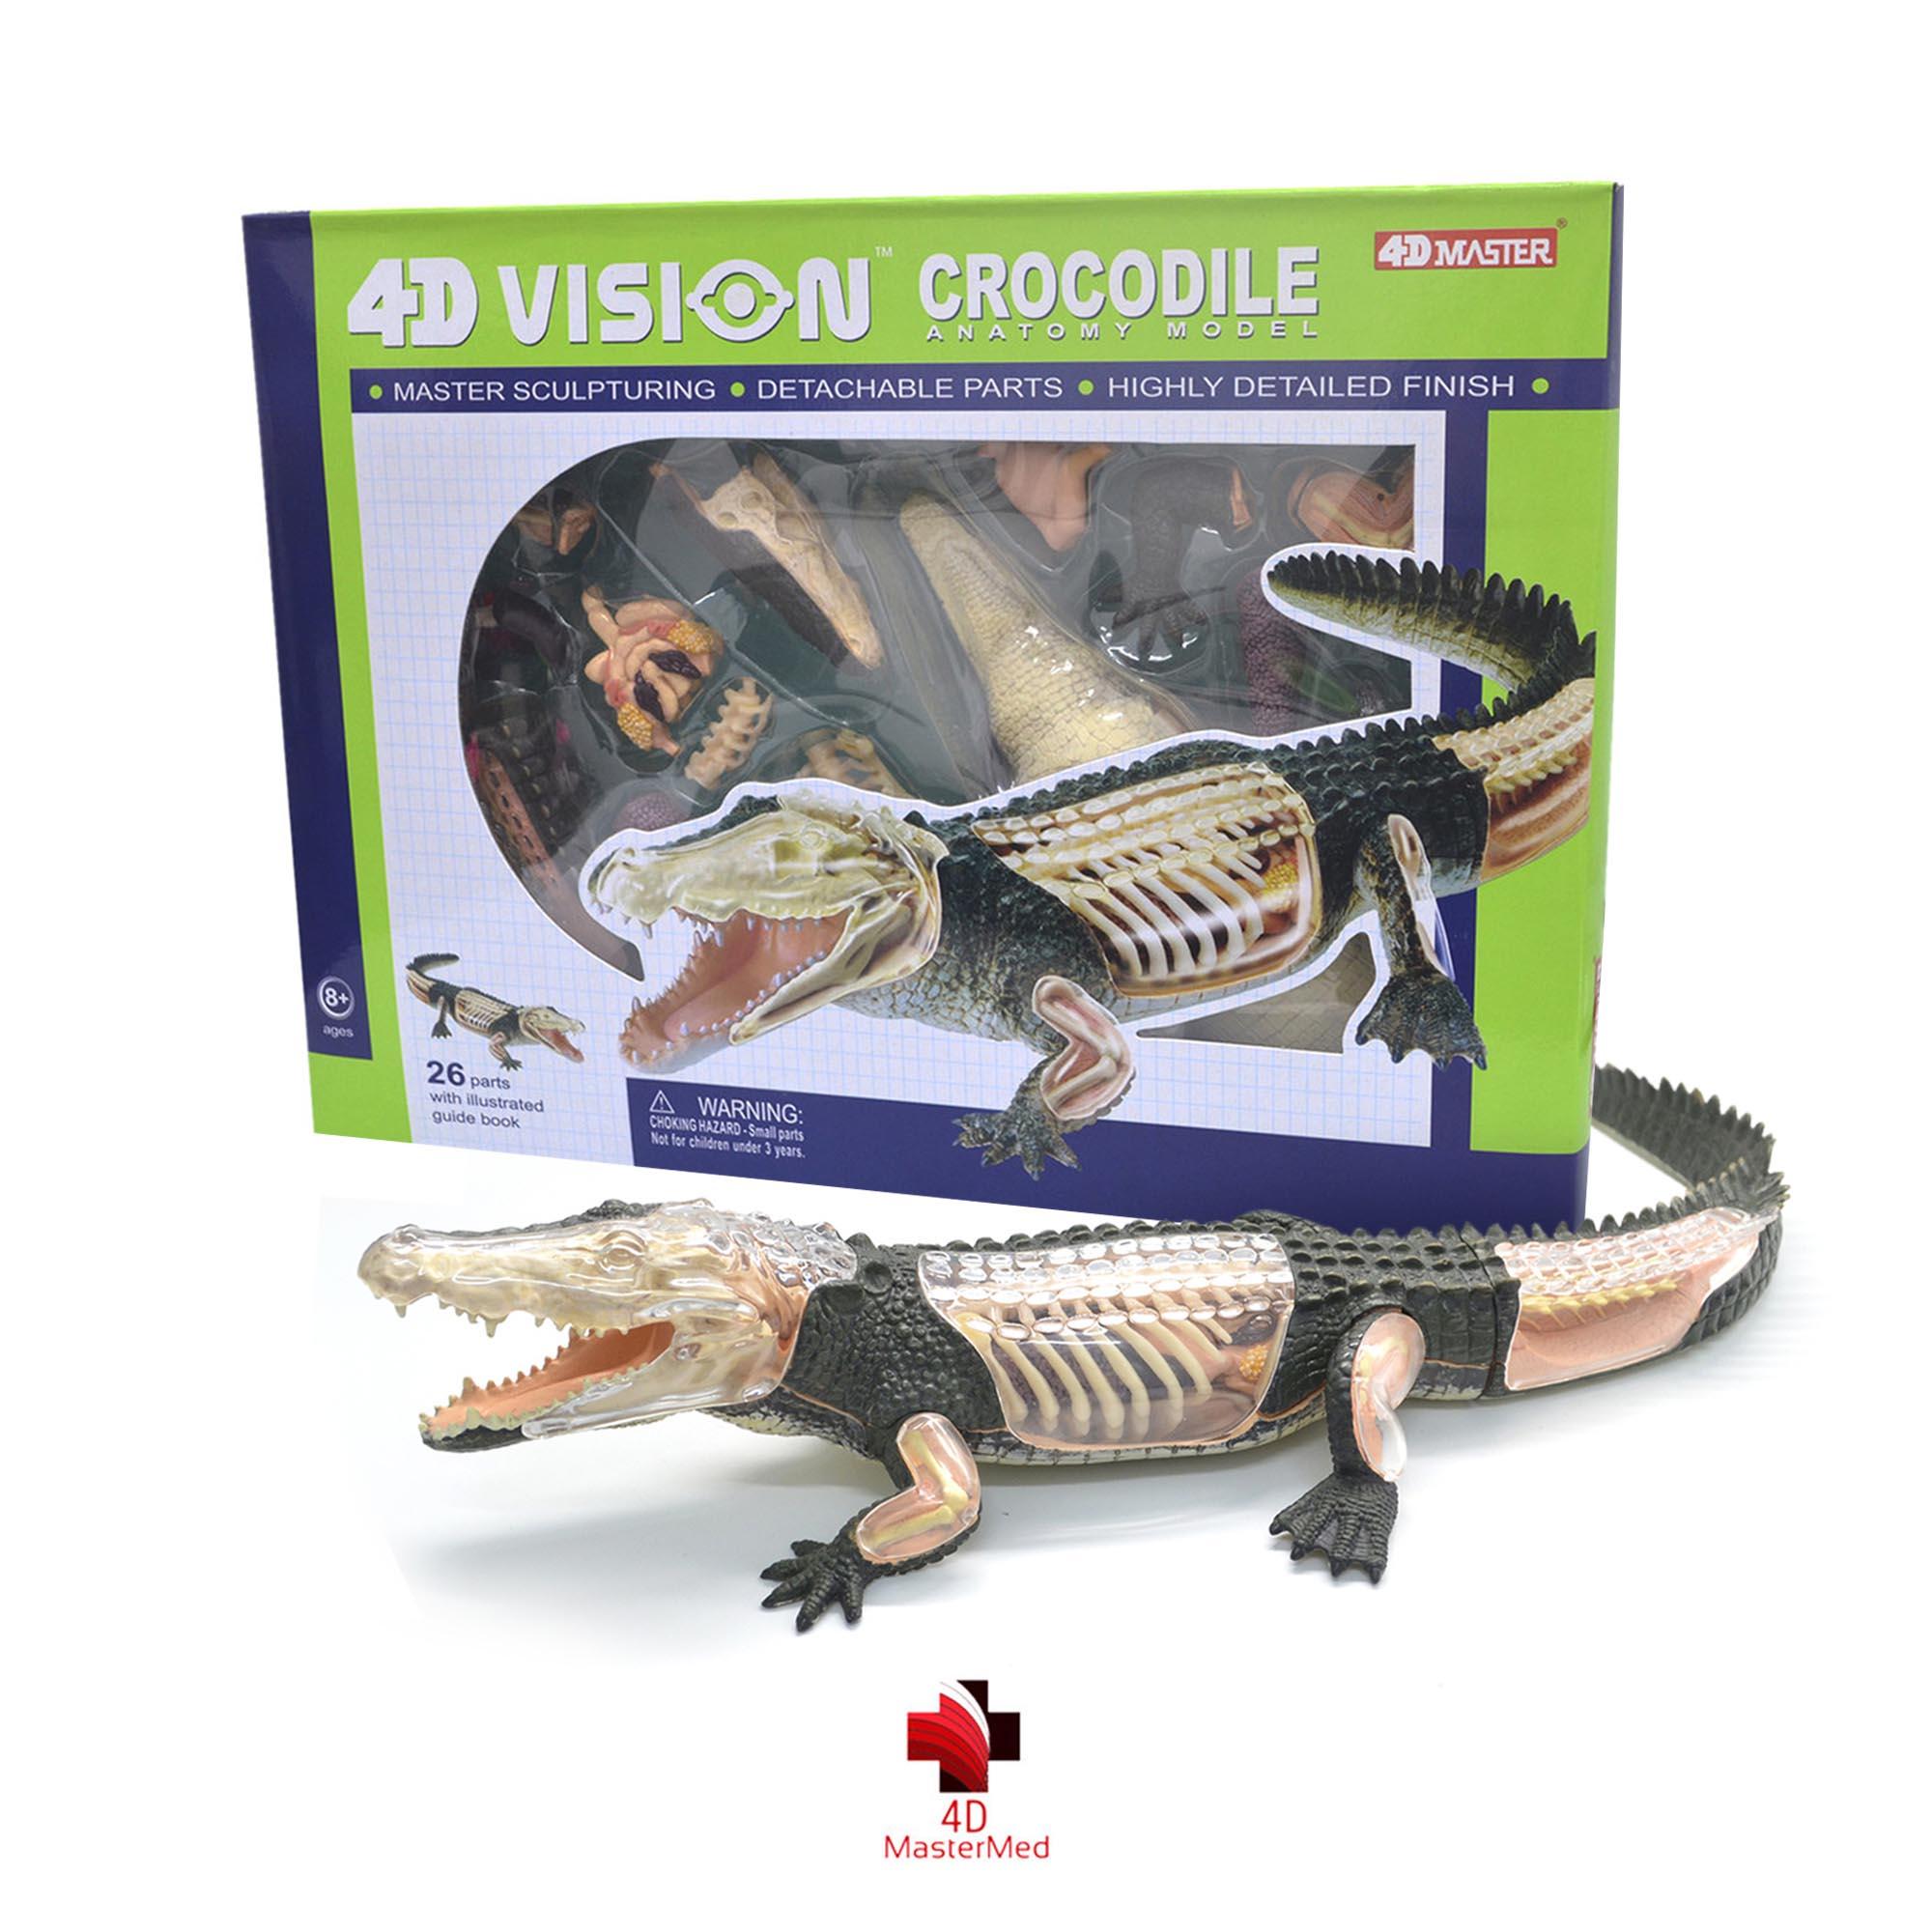 Anatomia do Crocodilo